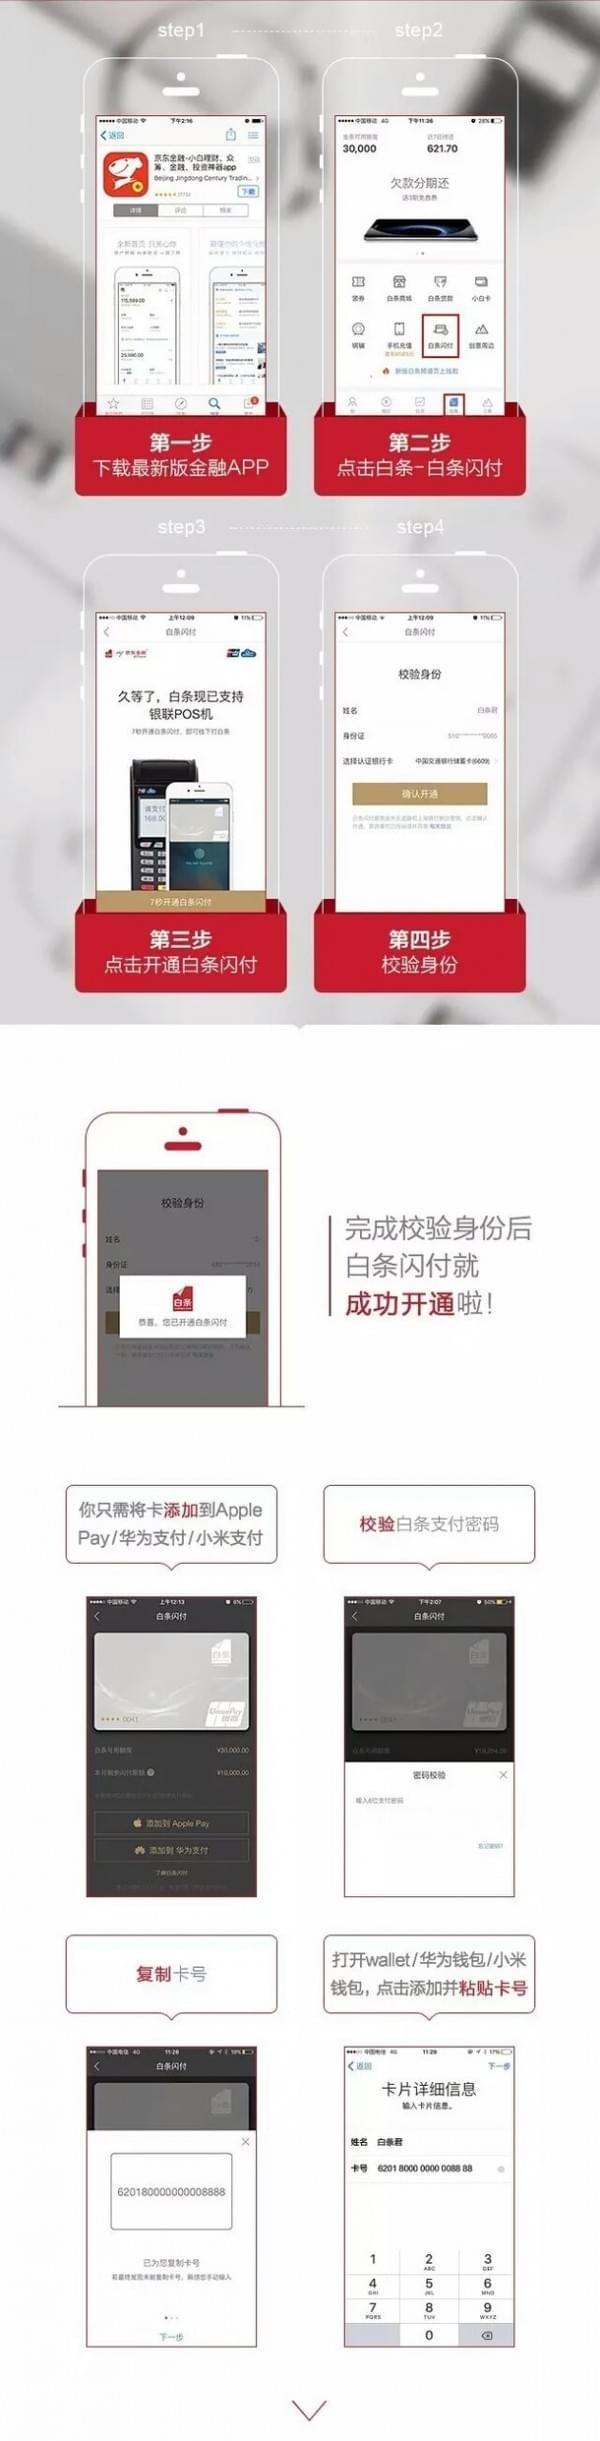 京东白条闪付上线:支持小米、华为支付及Apple Pay的照片 - 2